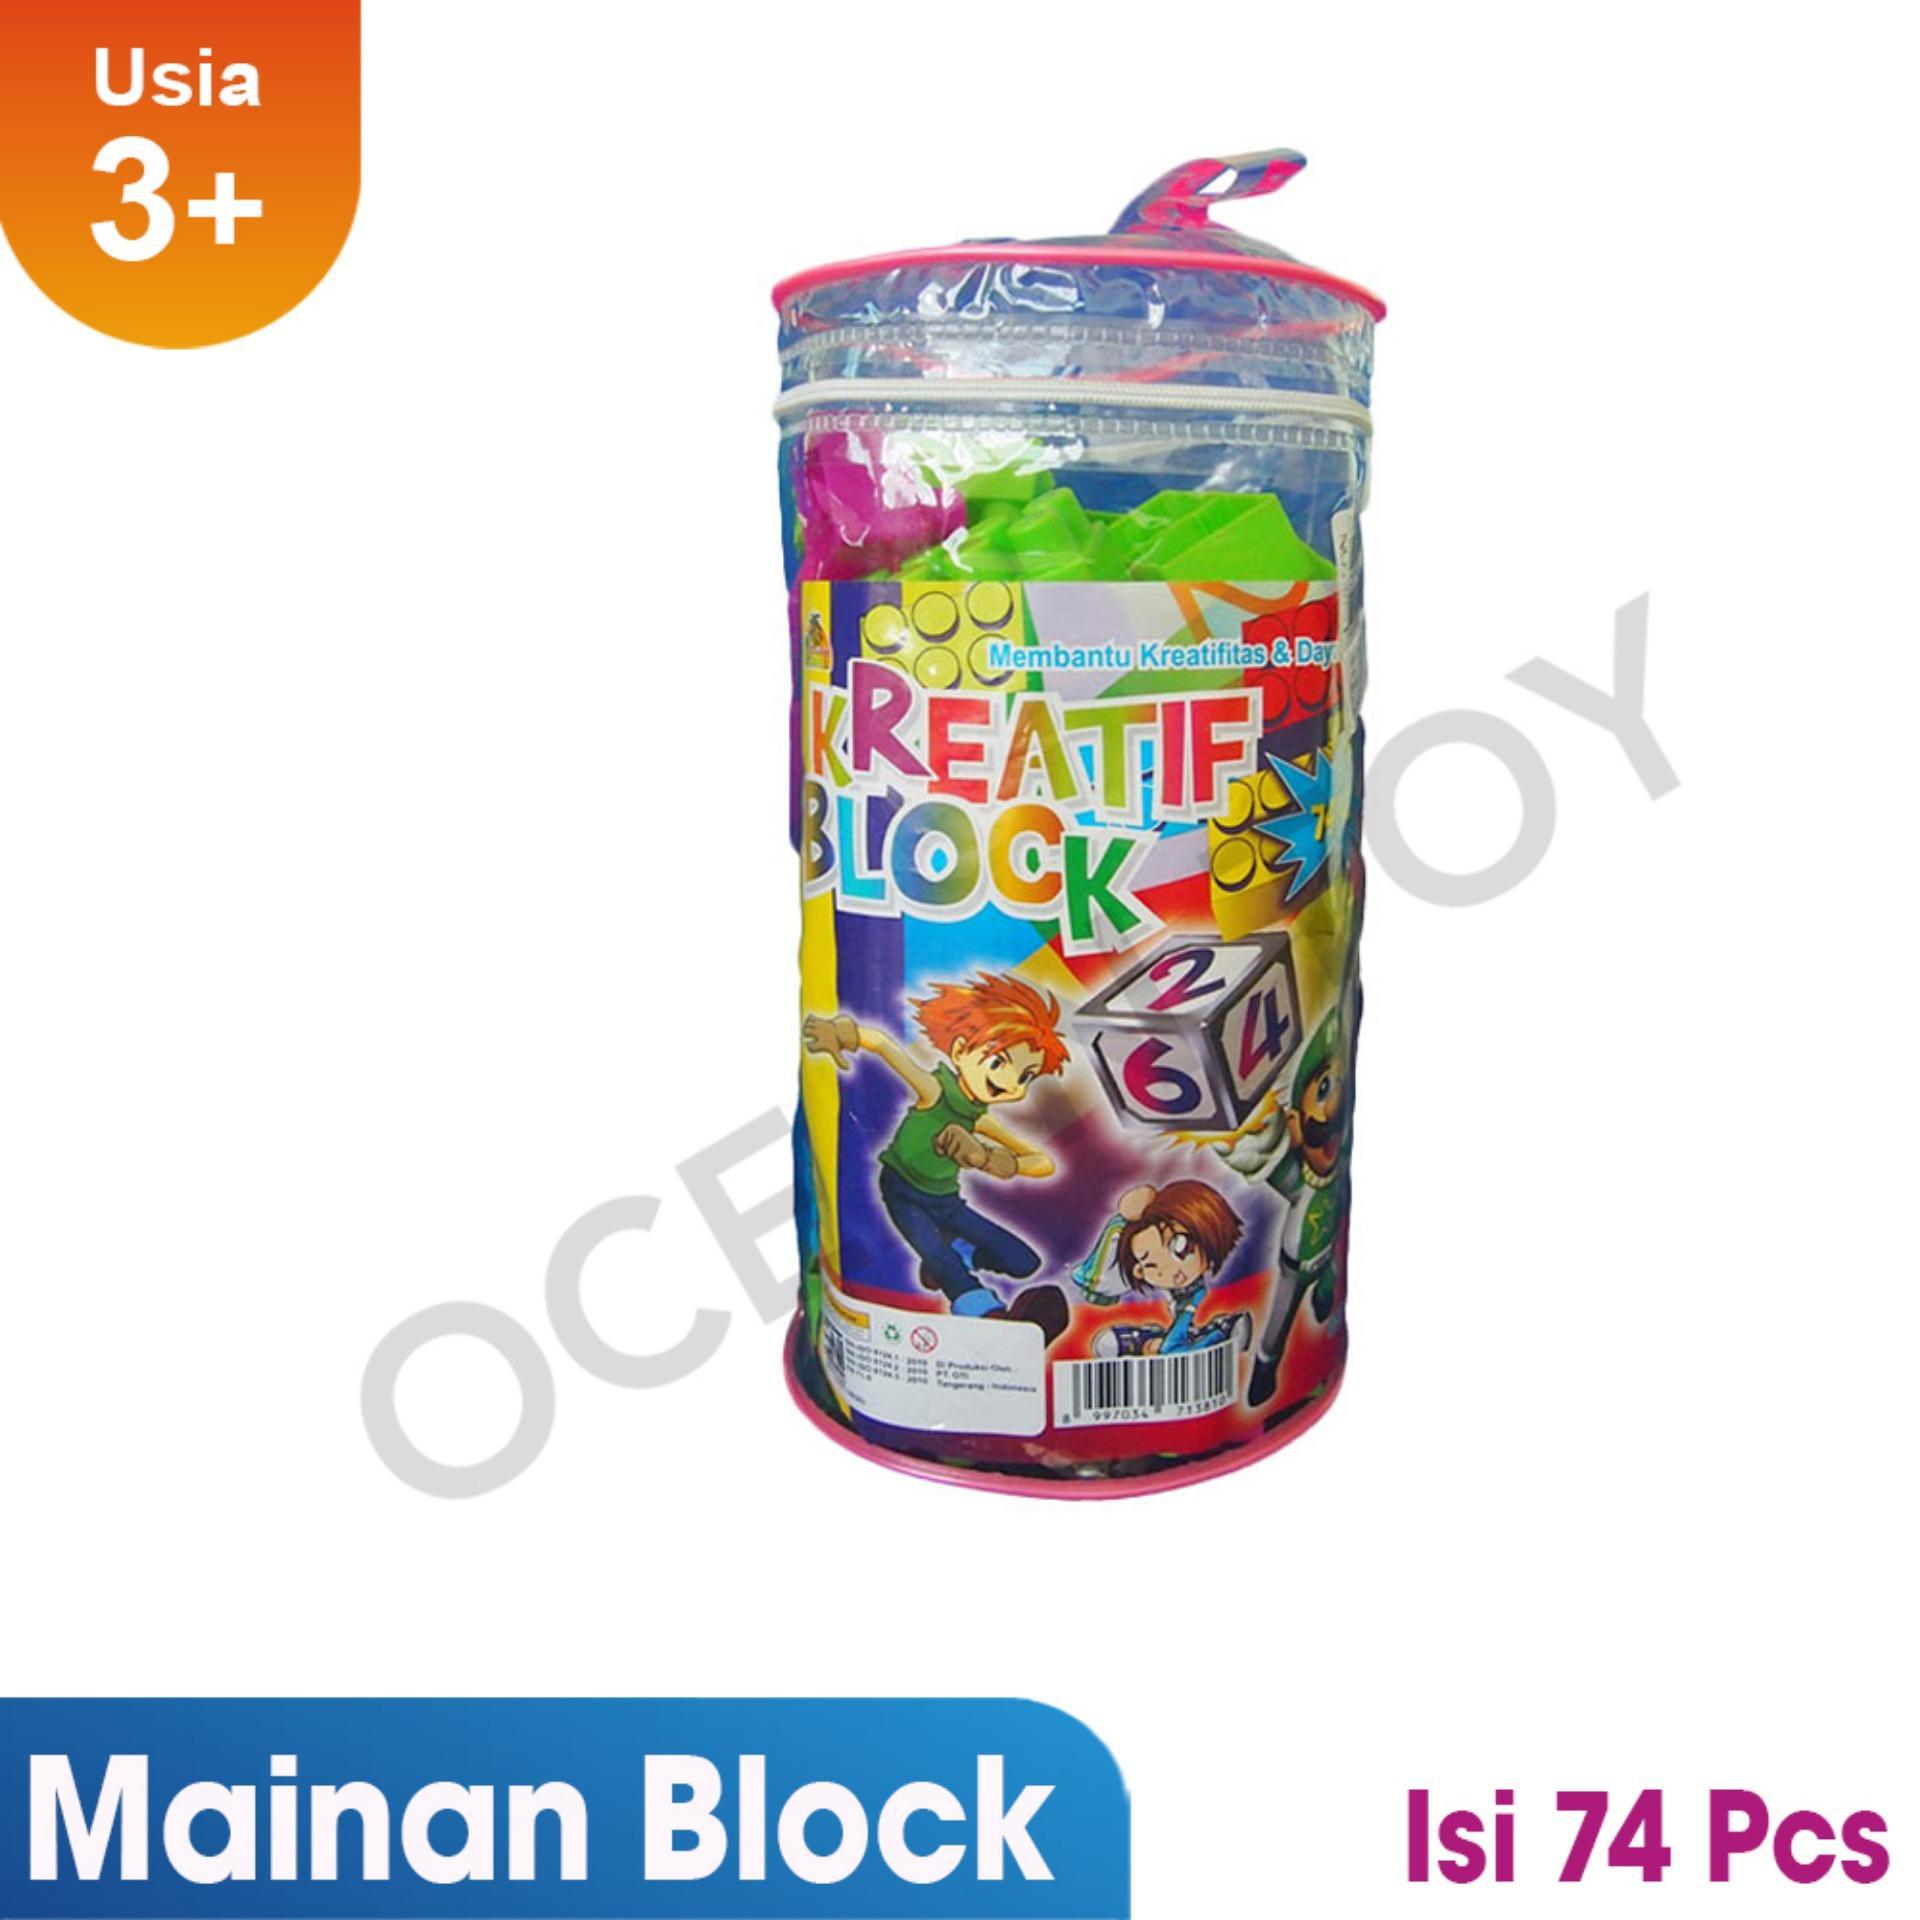 Harga Ocean Toy Creative Block Isi 74 Pcs Mainan Edukasi Anak Oct9201 Multicolor Terkini Harga Terbaik 2018